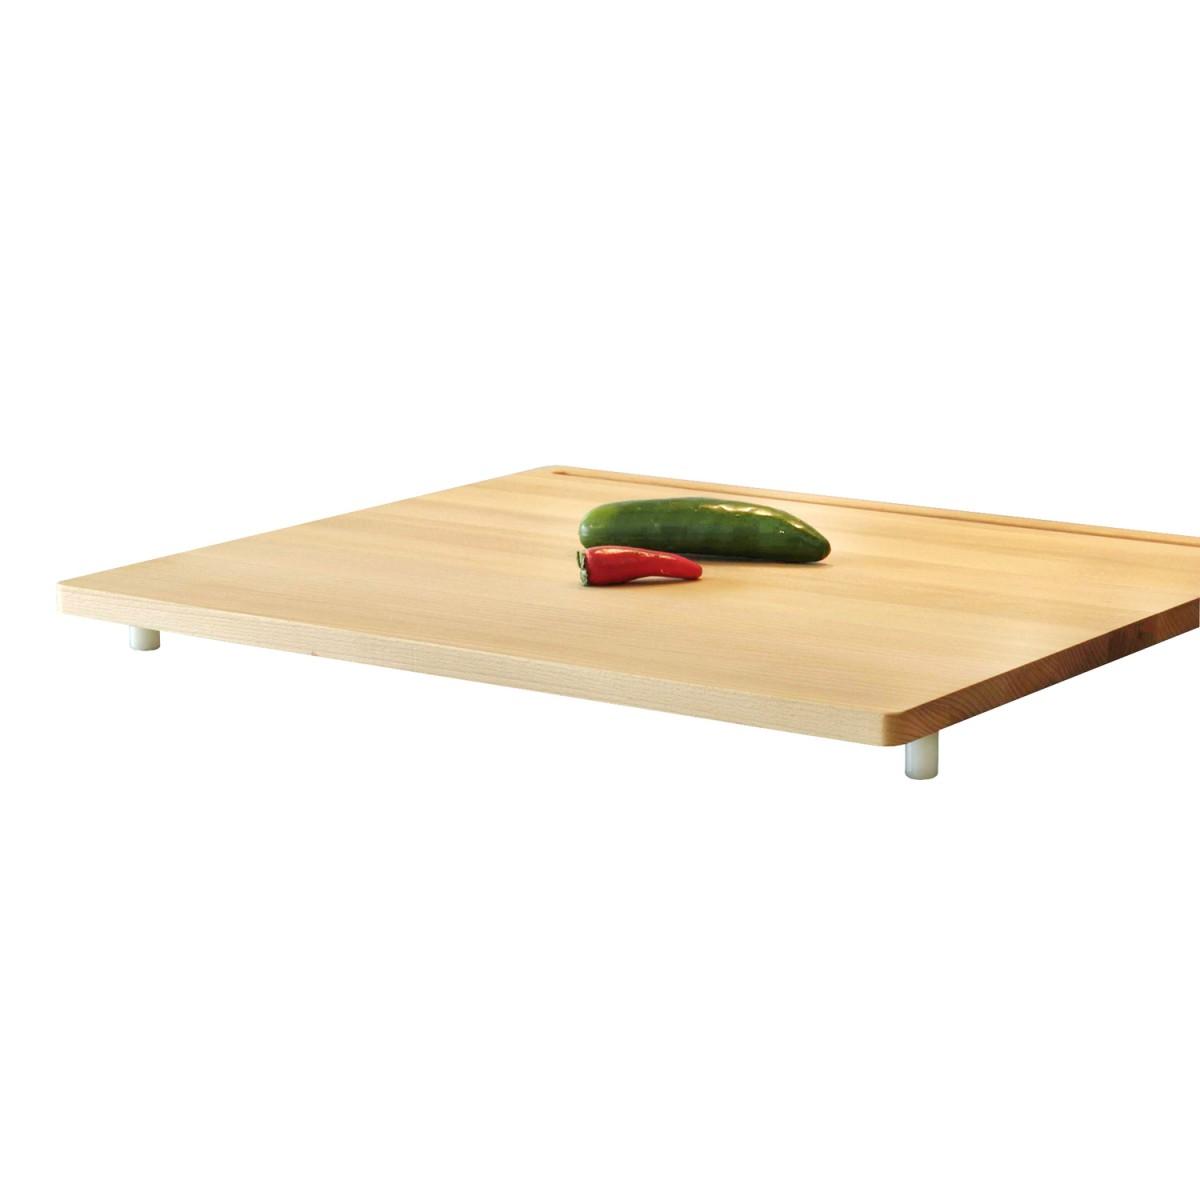 helo herd arbeitsplatte buche ge lt 64x56x2 5cm von. Black Bedroom Furniture Sets. Home Design Ideas